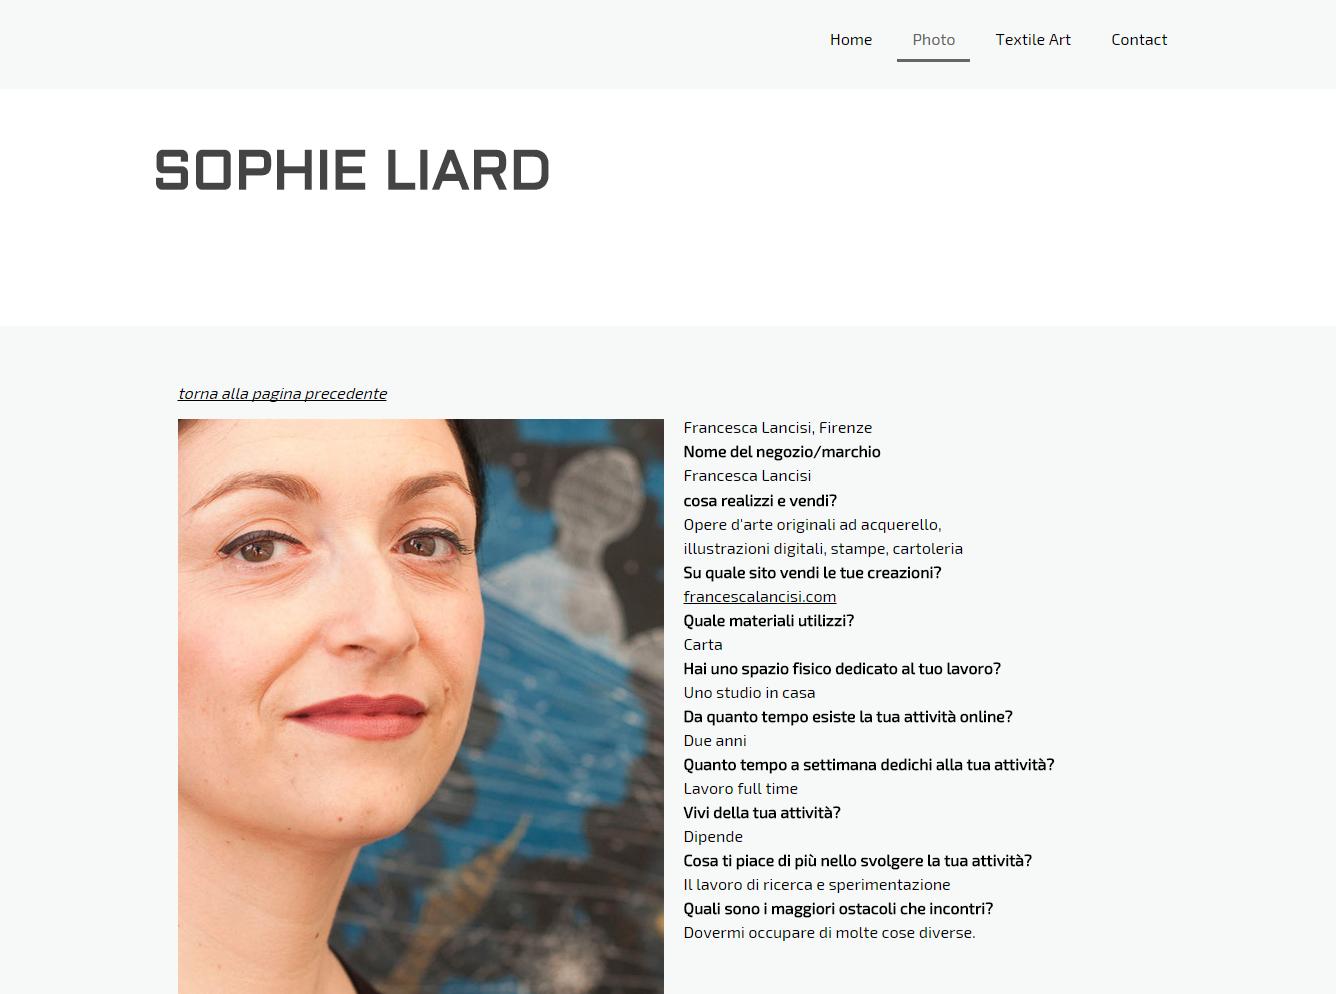 SOPHIE LIARD NOVEMBRE 2015.png